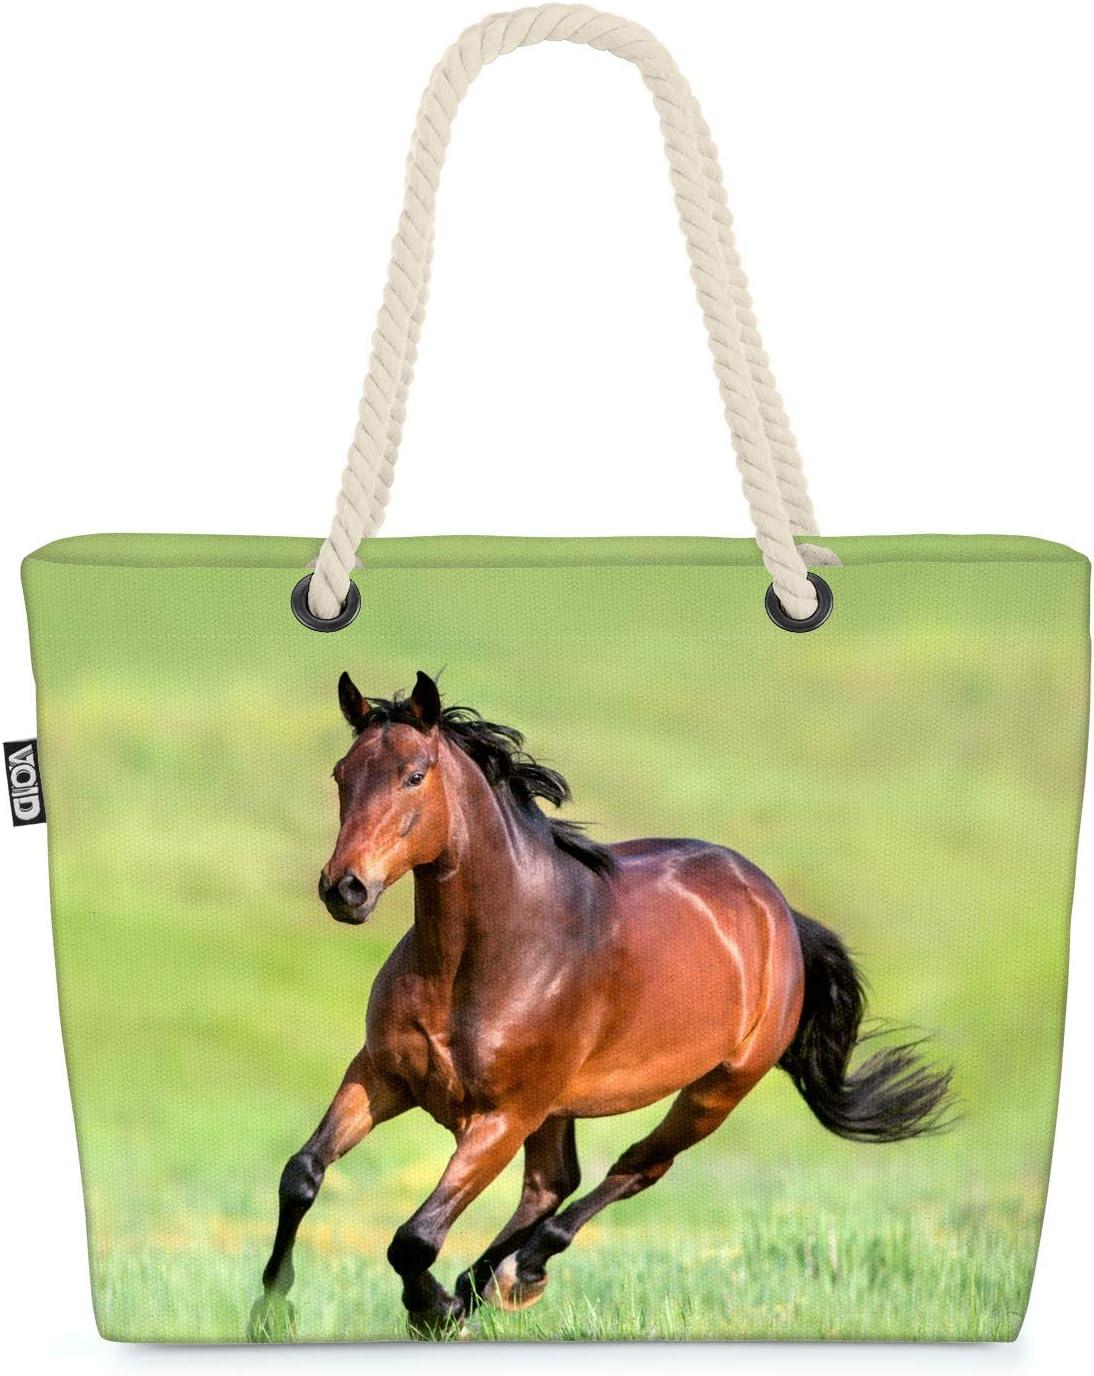 VOID Caballo marrón Bolsa de Playa 58x38x16cm 23L Shopper Bolsa de Viaje Compras Beach Bag Bolso